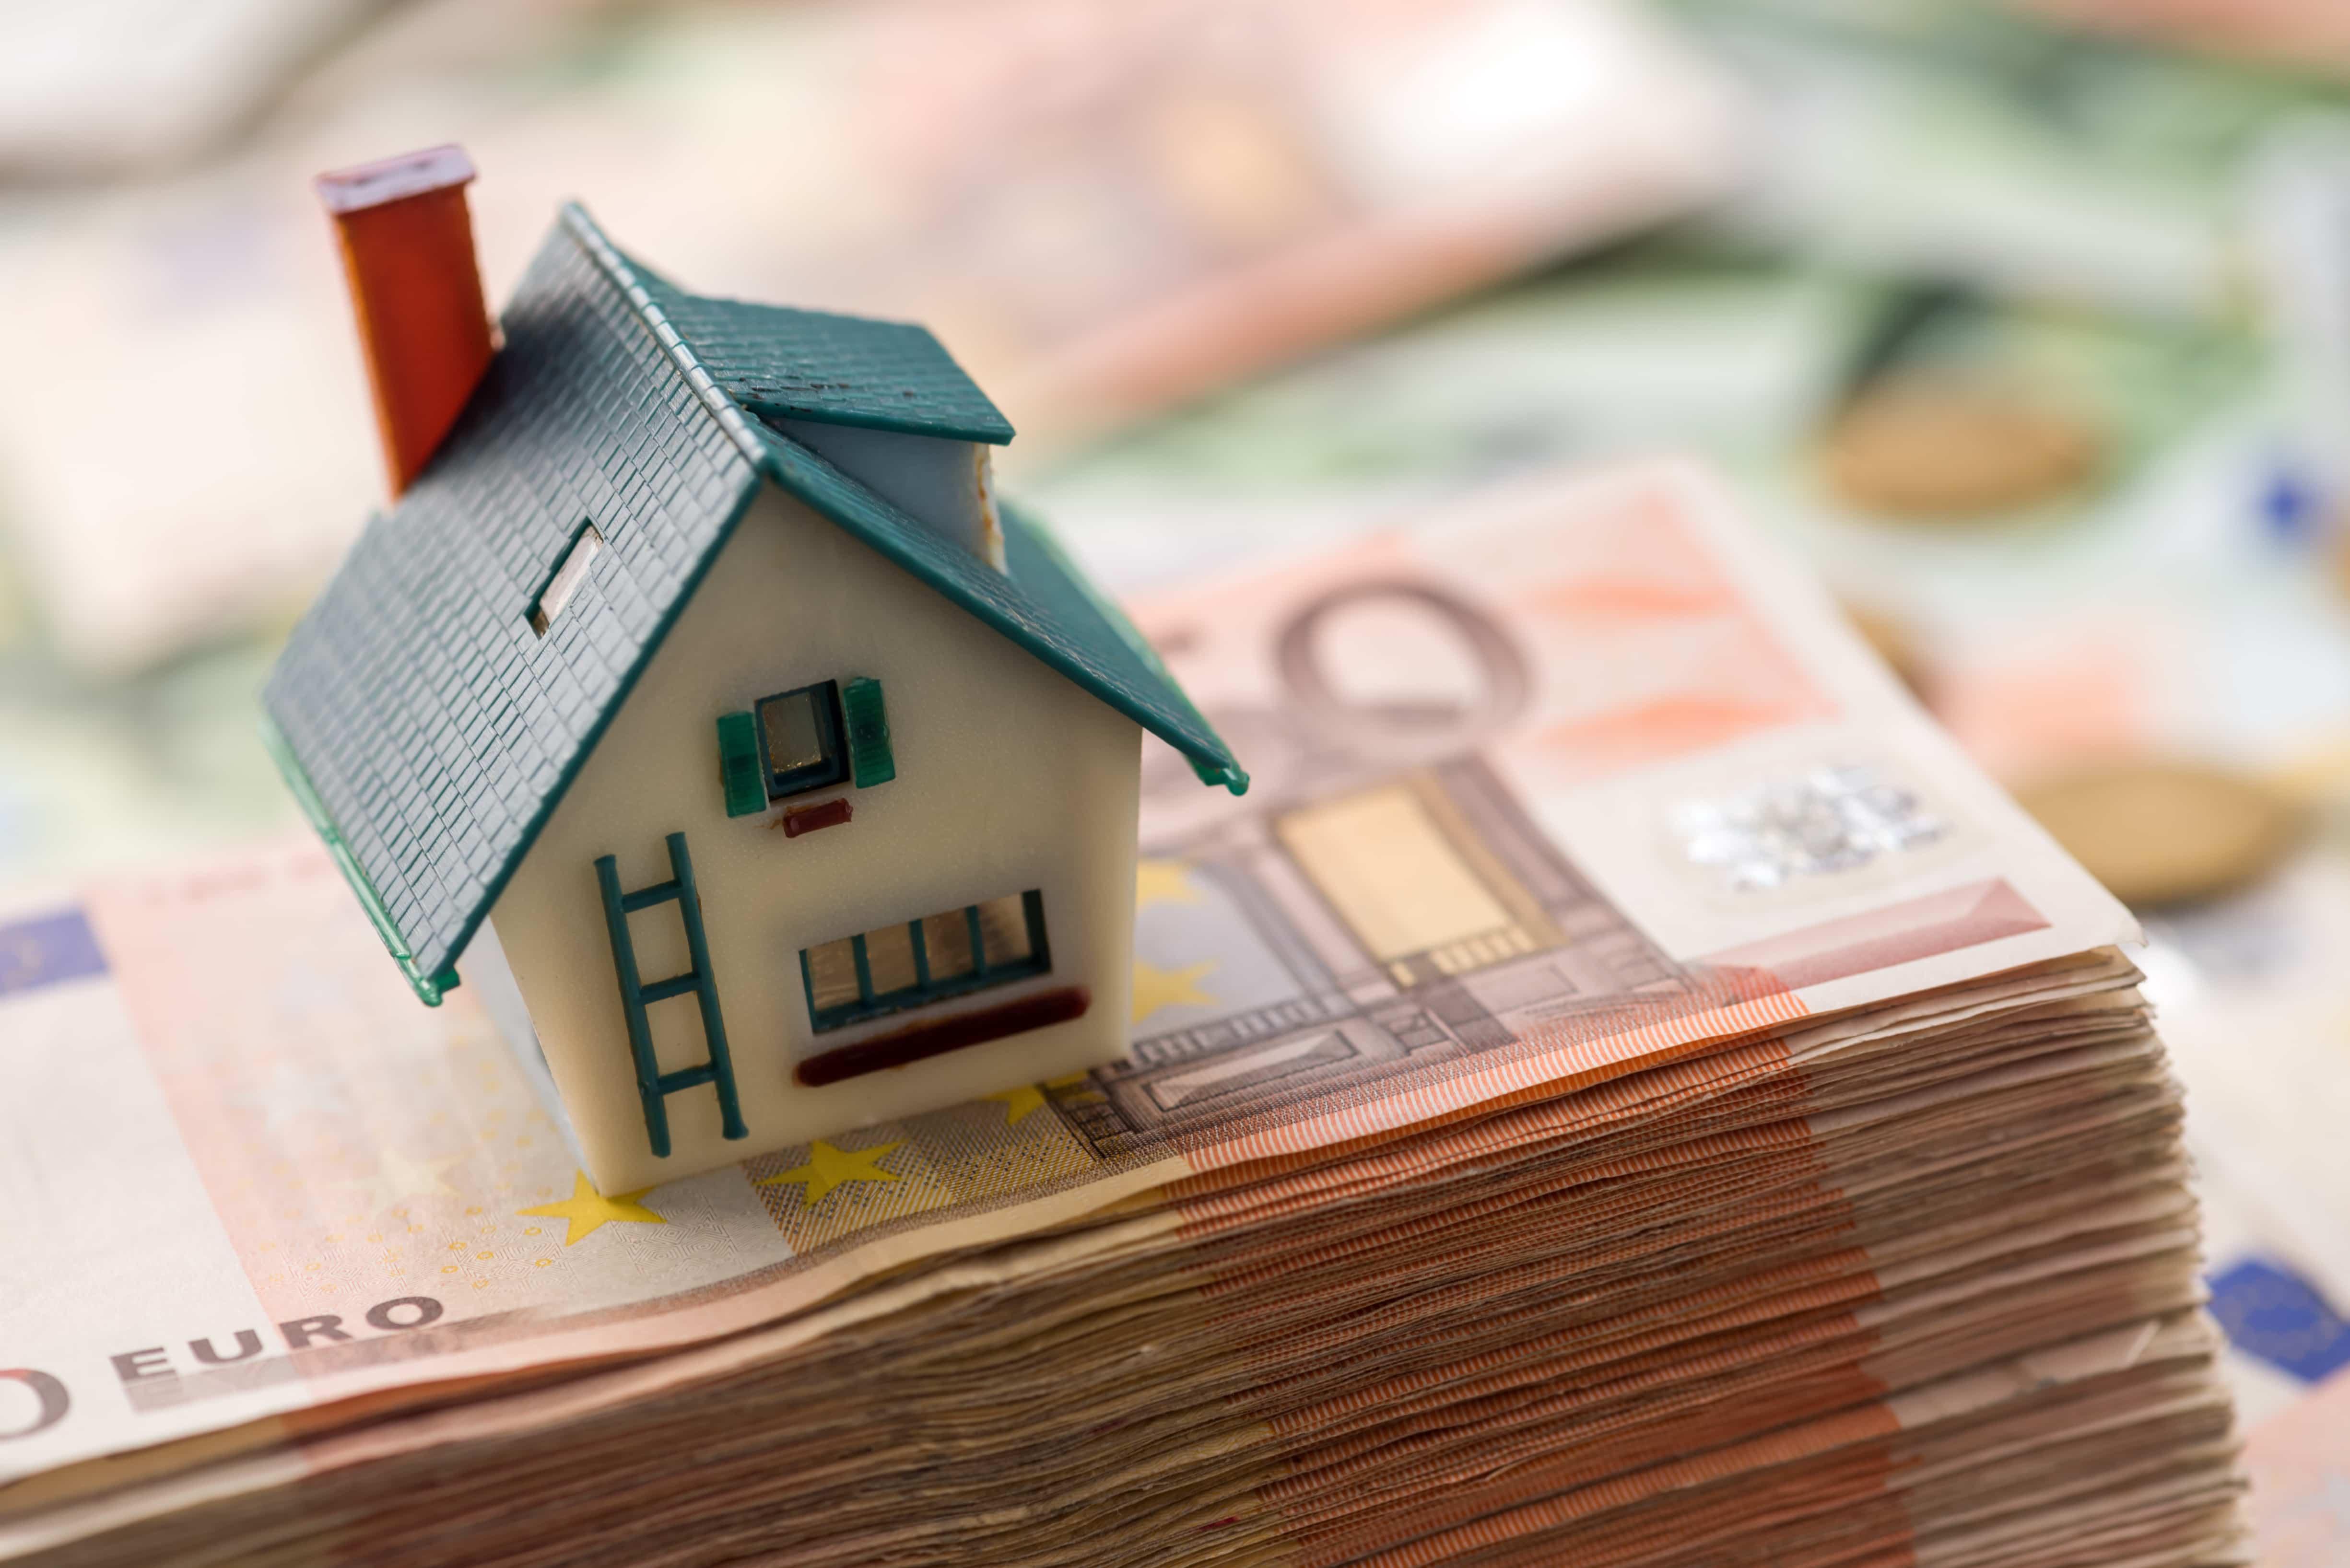 Le crédit immobilier Agenteuil